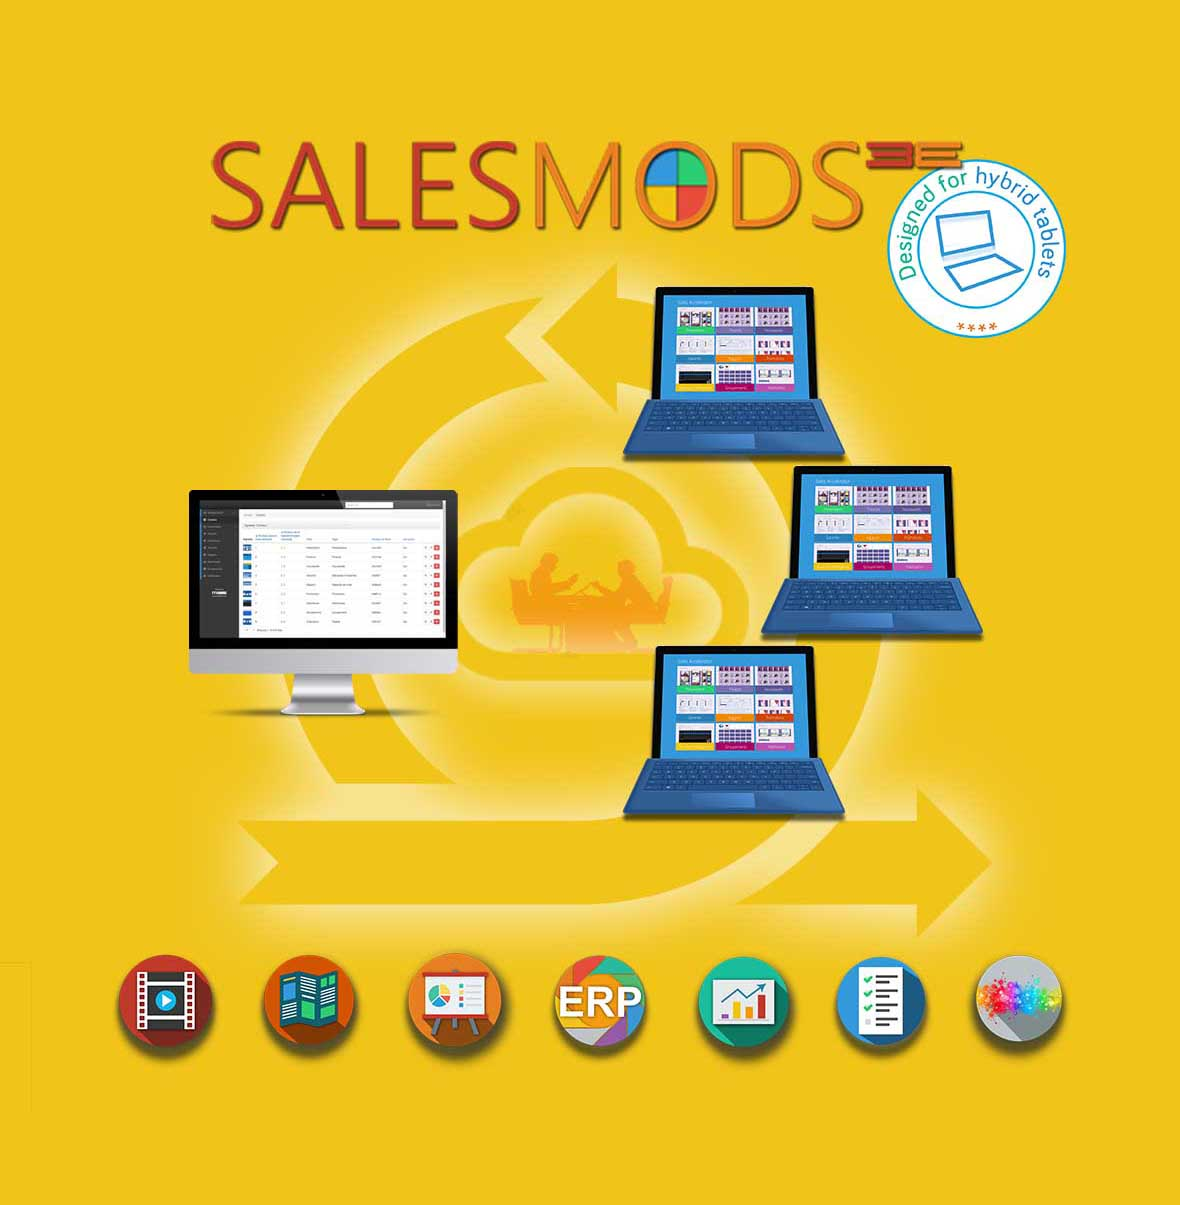 Plus d'information sur le concept de SalesMods 3E: la 1ère solution modulaire de storytelling digital pour la force de vente